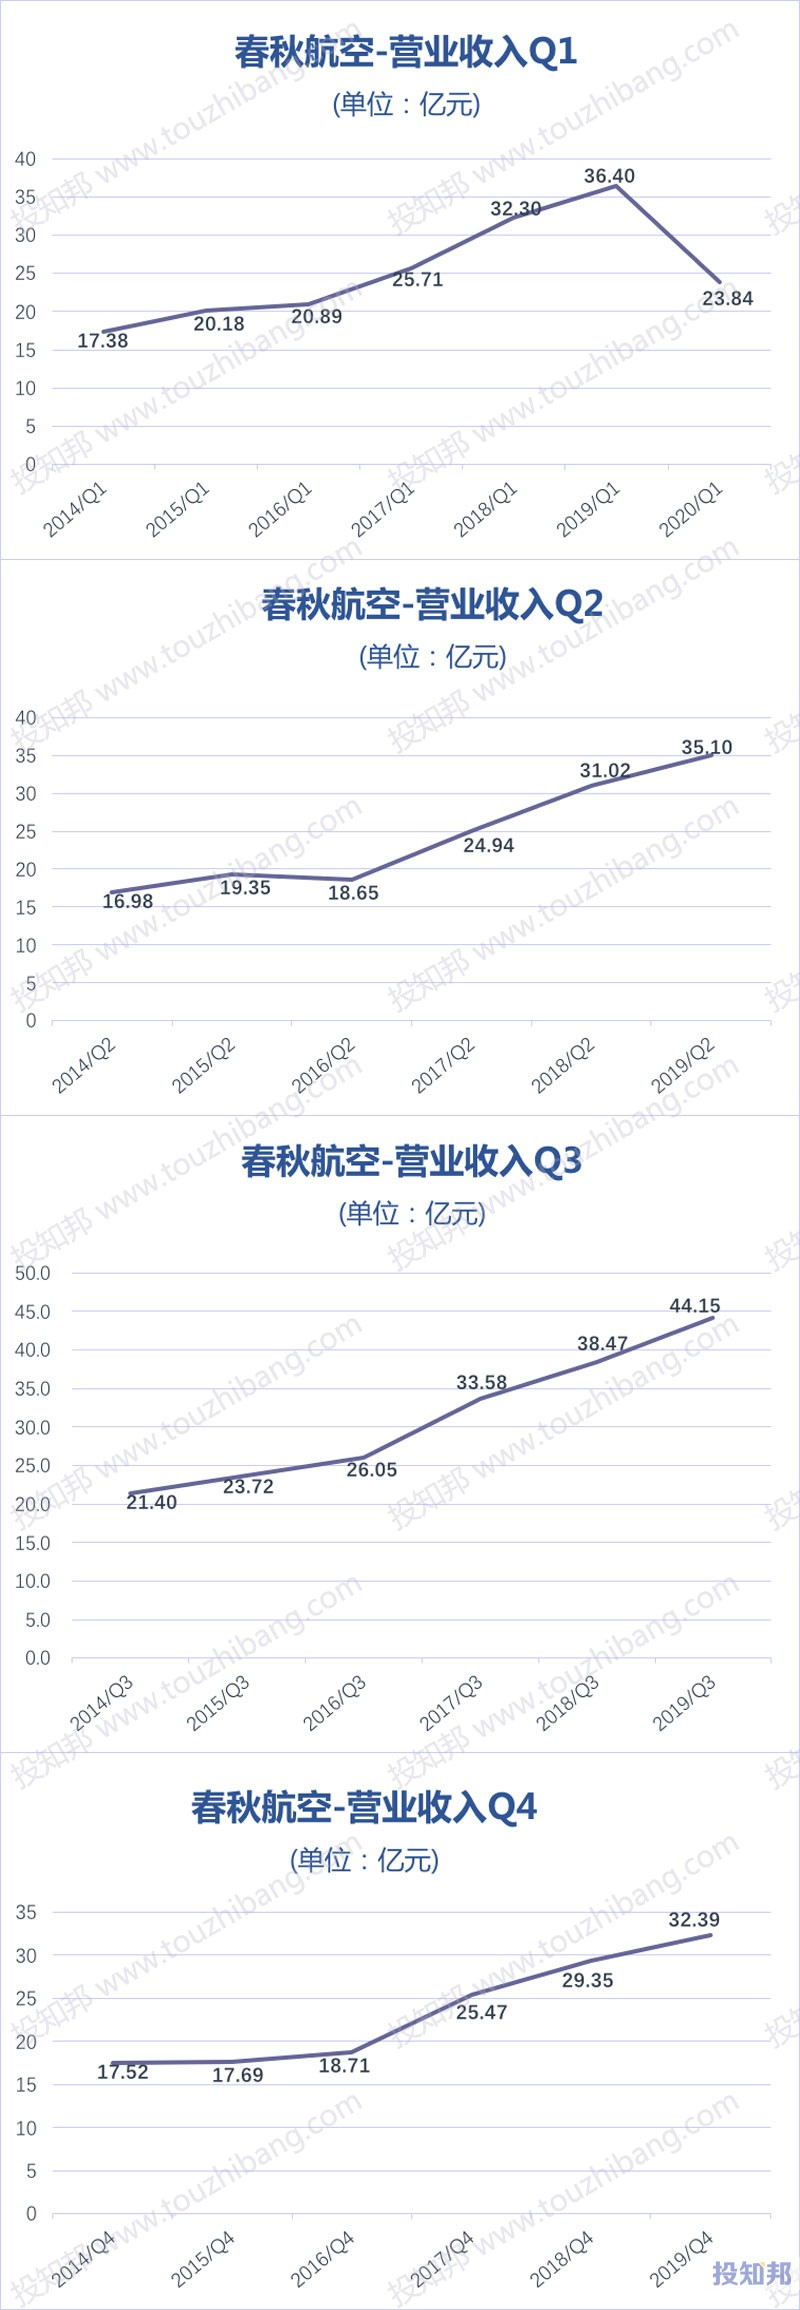 春秋航空(601021)财报数据图示(2014年~2020年Q1,更新)